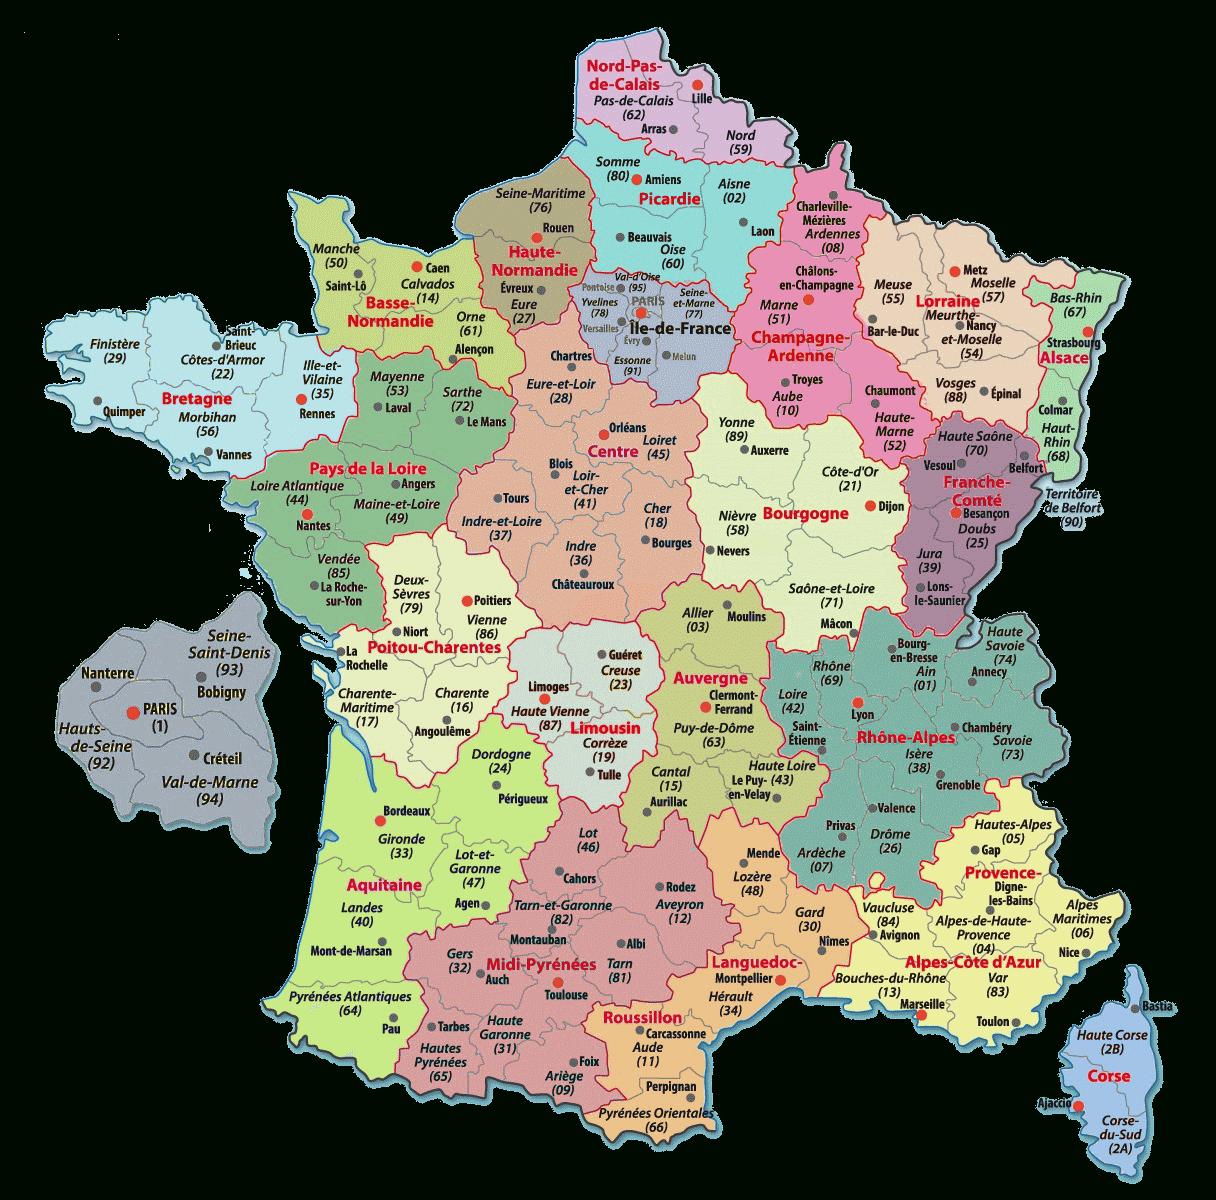 Carte De France Departements : Carte Des Départements De France à Liste Des Régions De France